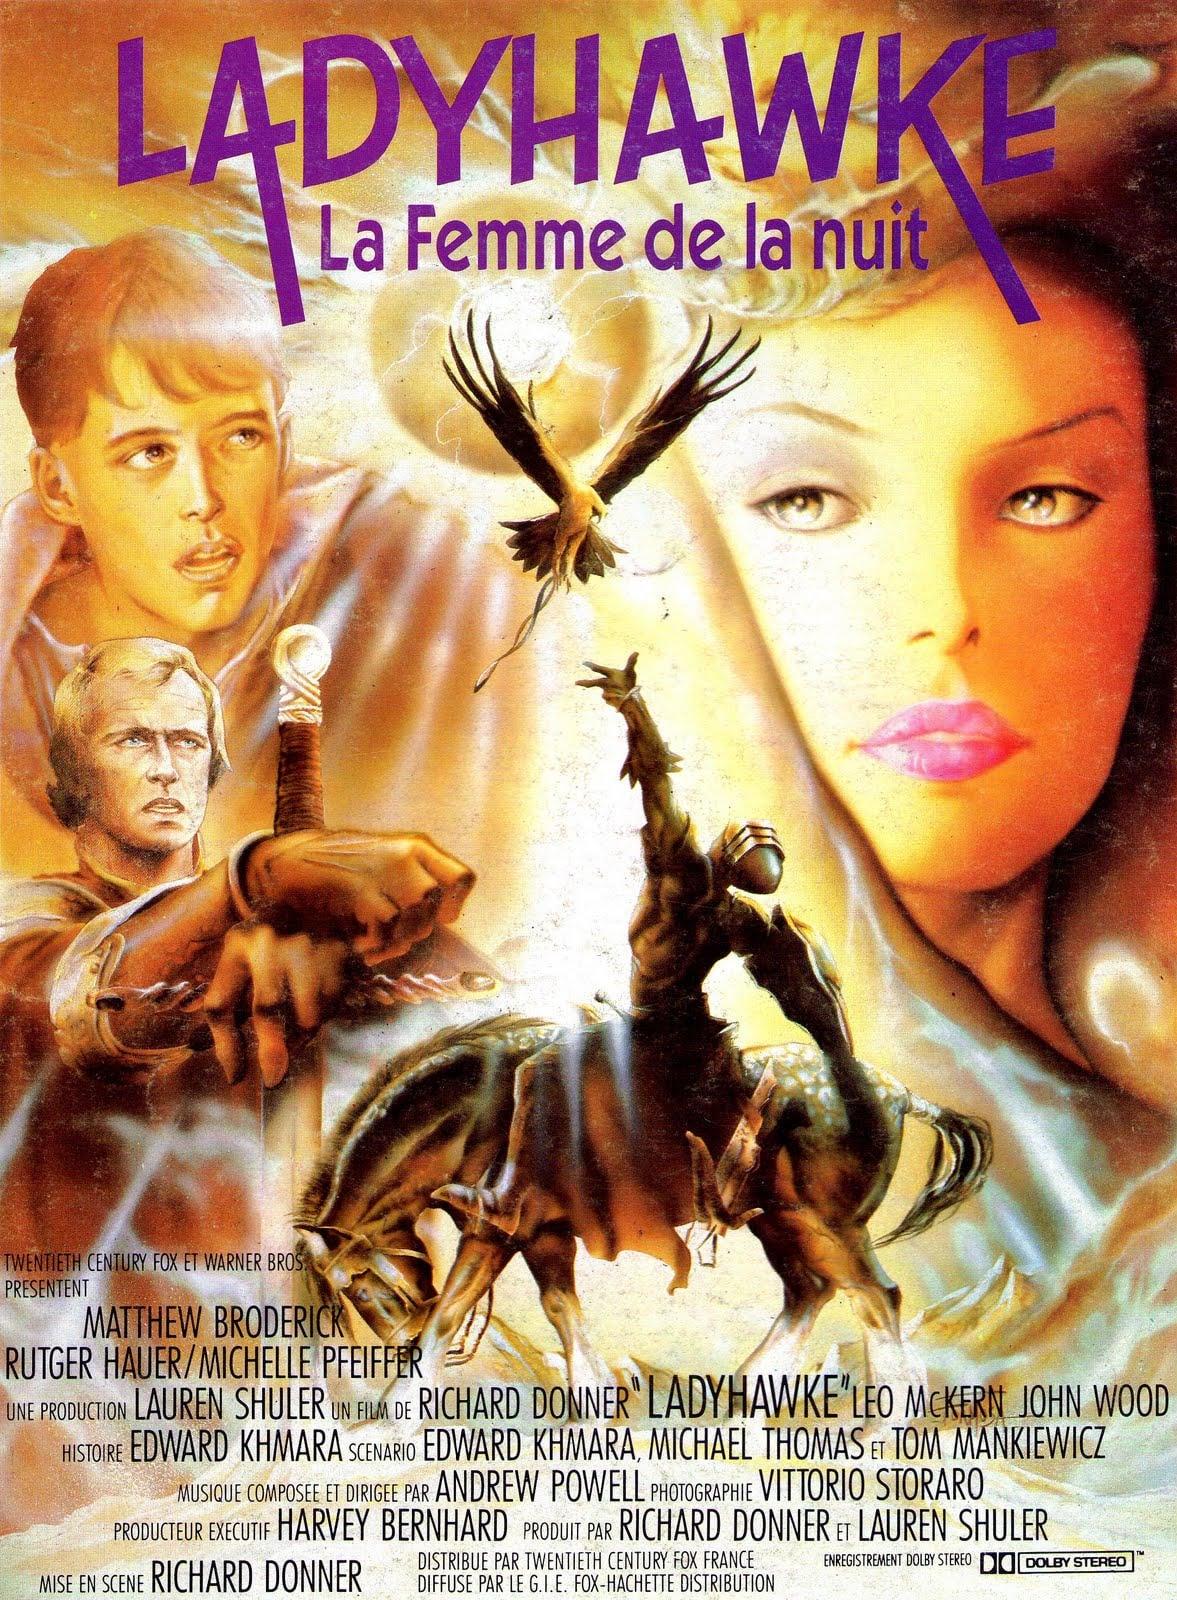 affiche du film Ladyhawke, la femme de la nuit